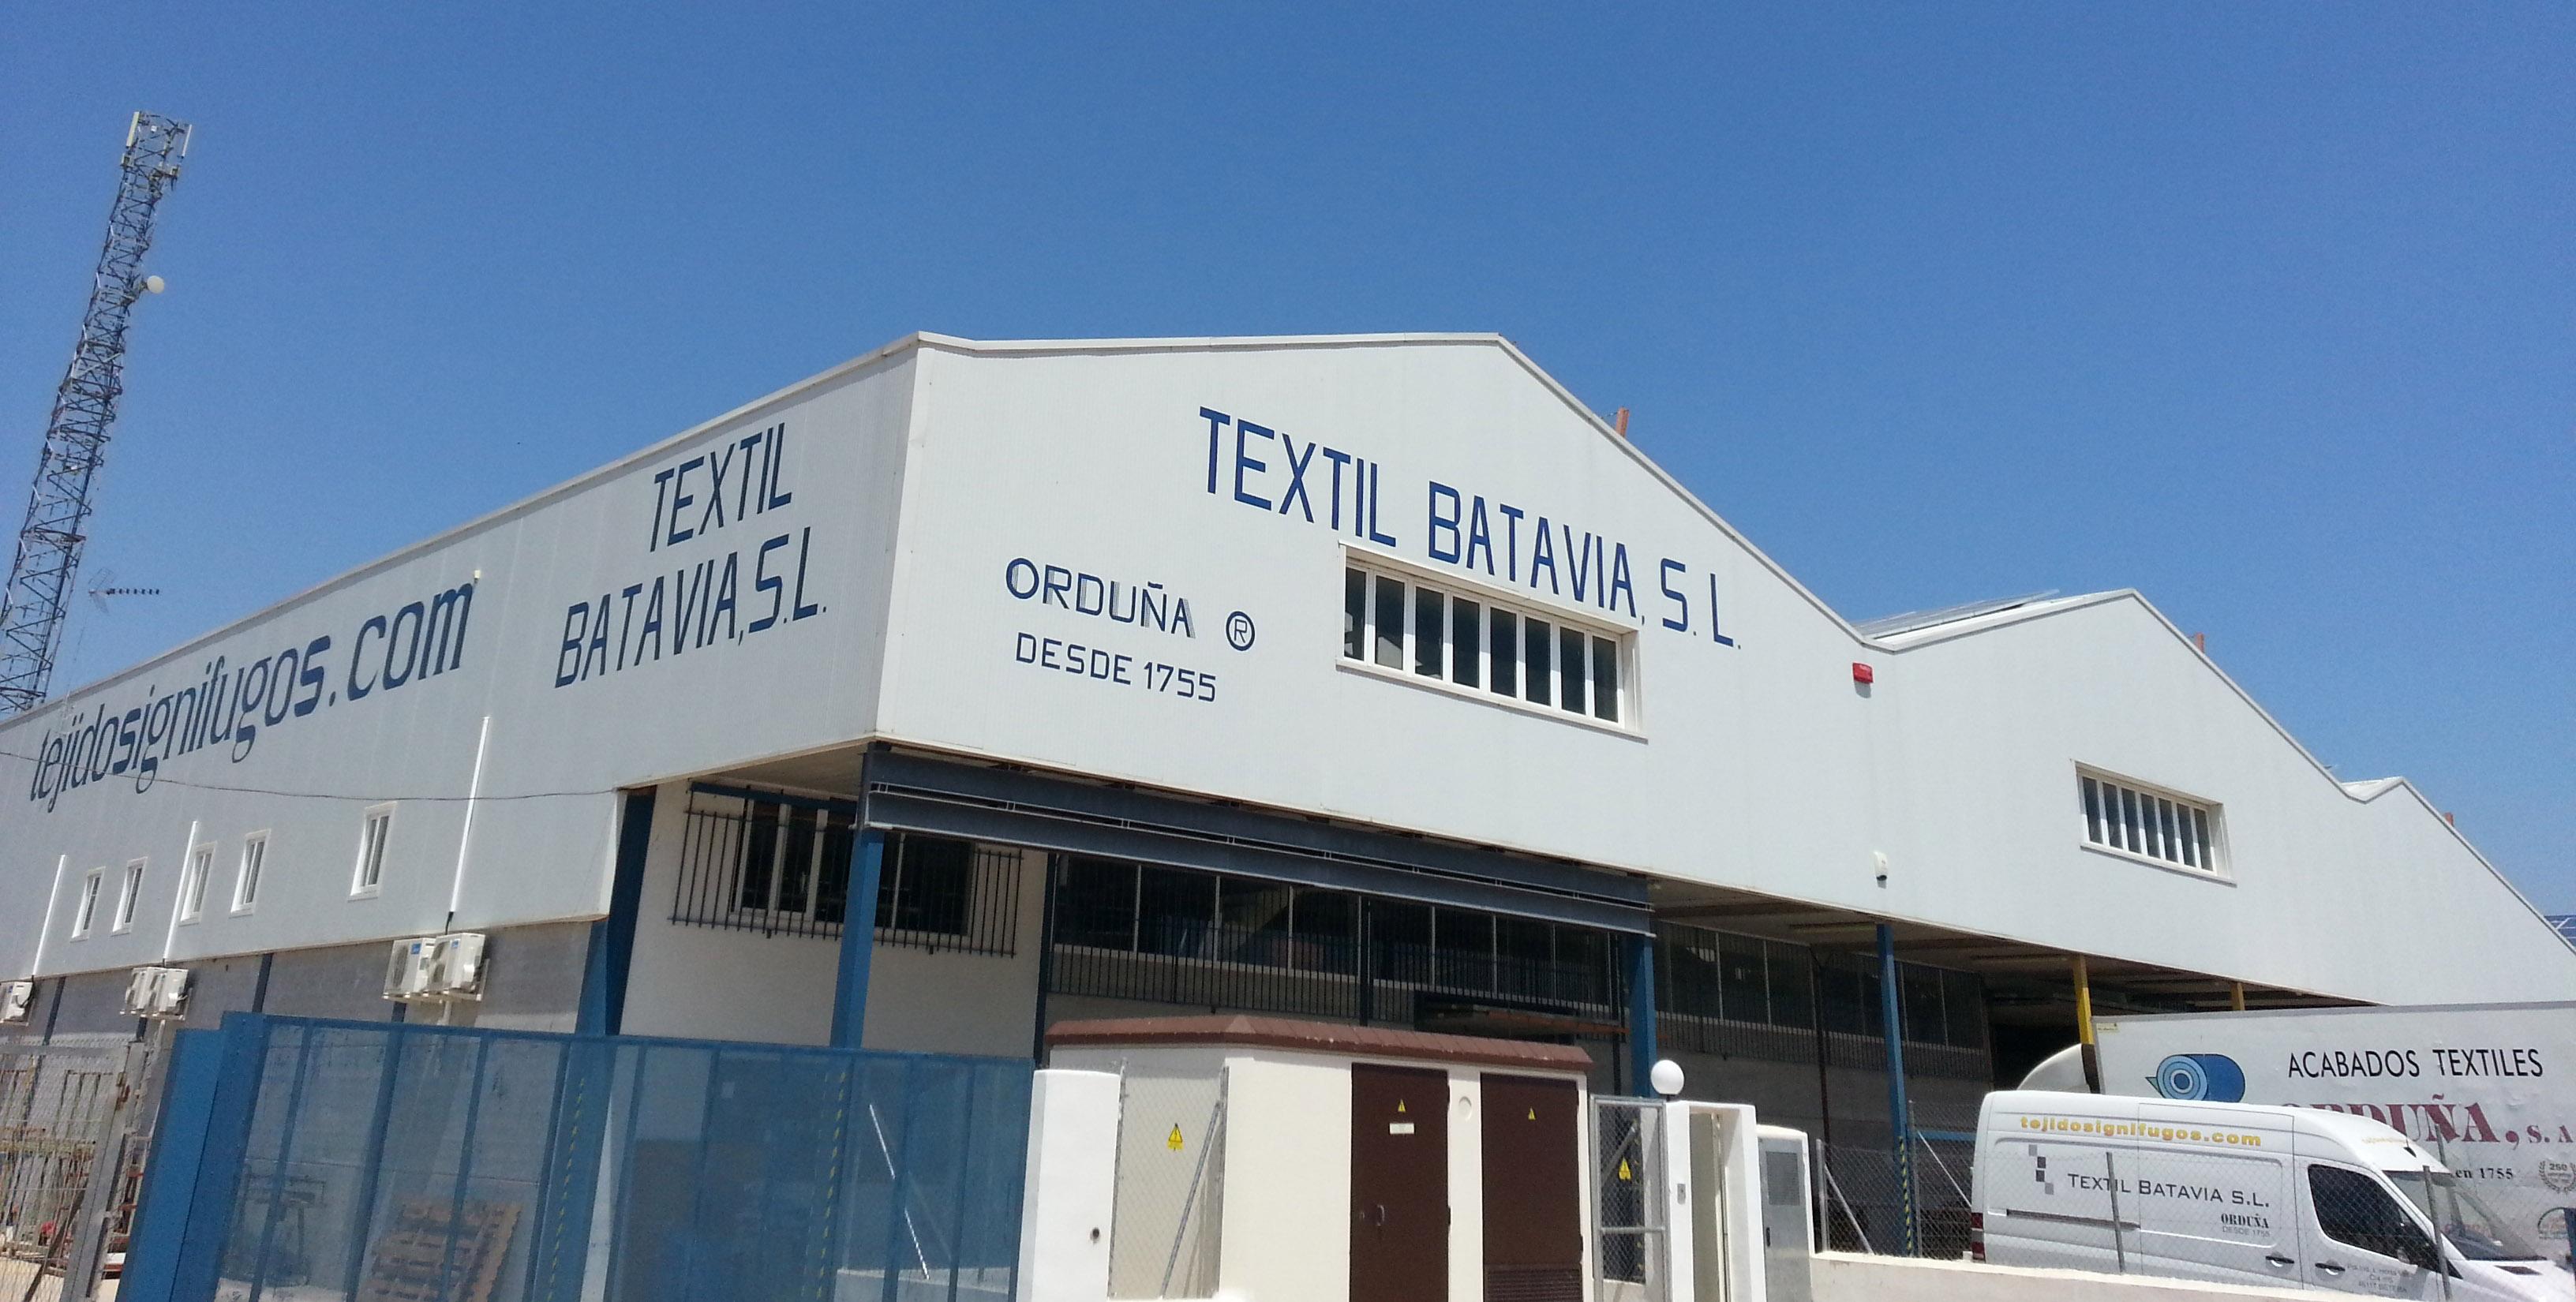 ¡Ven a comprar tejidos a Textil Batavia, visitanos!